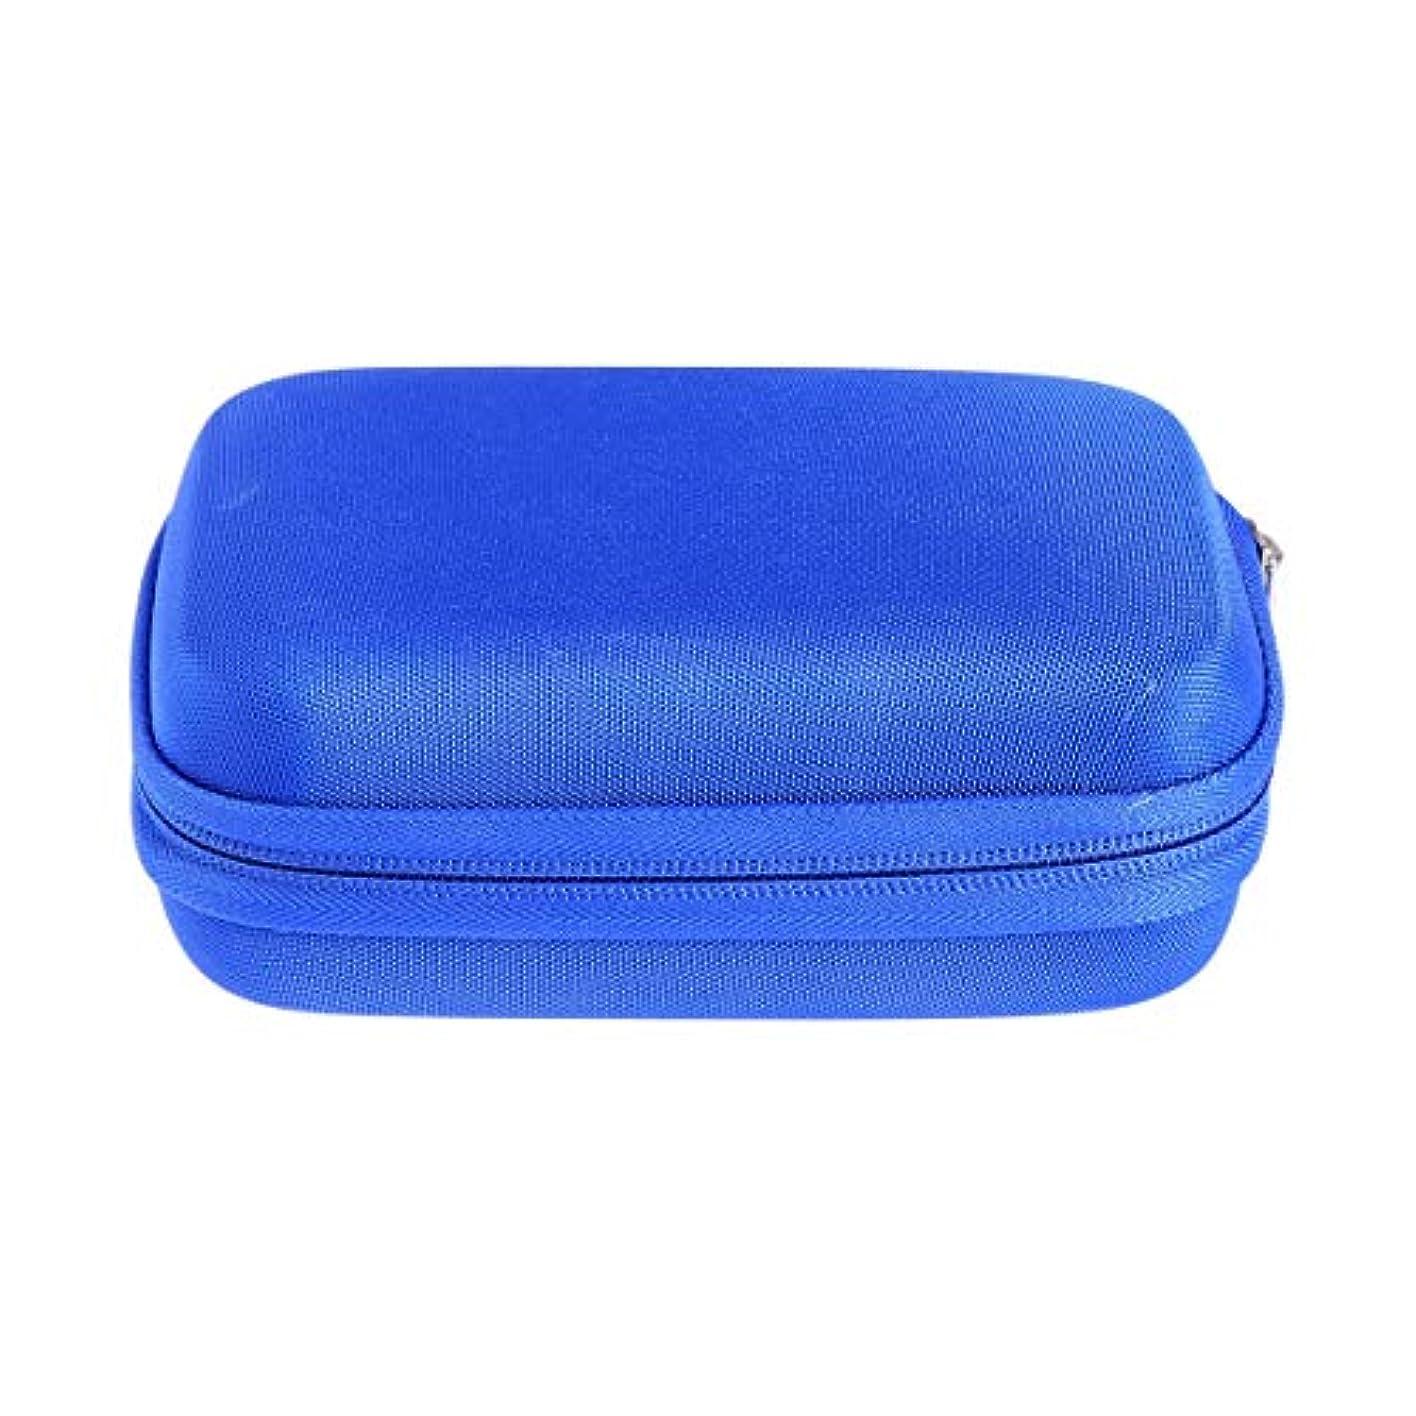 割り当てるいろいろオークSUPVOX エッセンシャルオイルバッグキャリングケースオーガナイザーローラーボトル収納袋10スロットハードシェルオイルケースホルダー(ブルー)